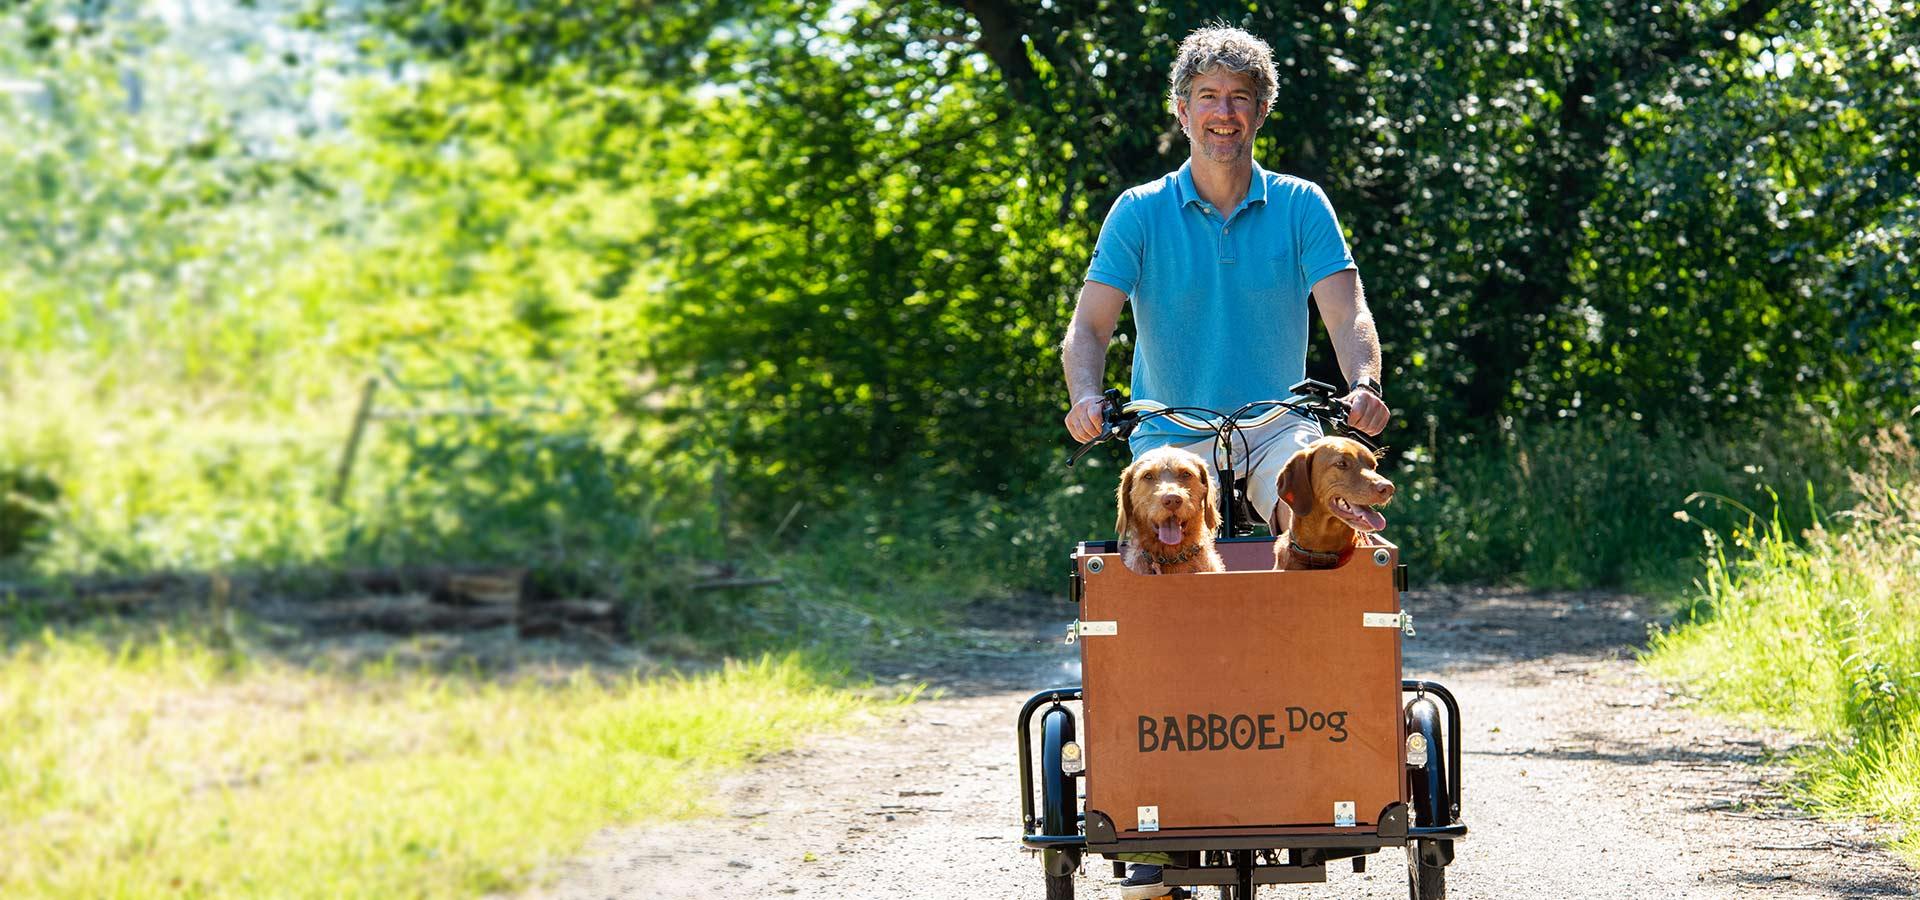 Babboe Dog triporteur chien